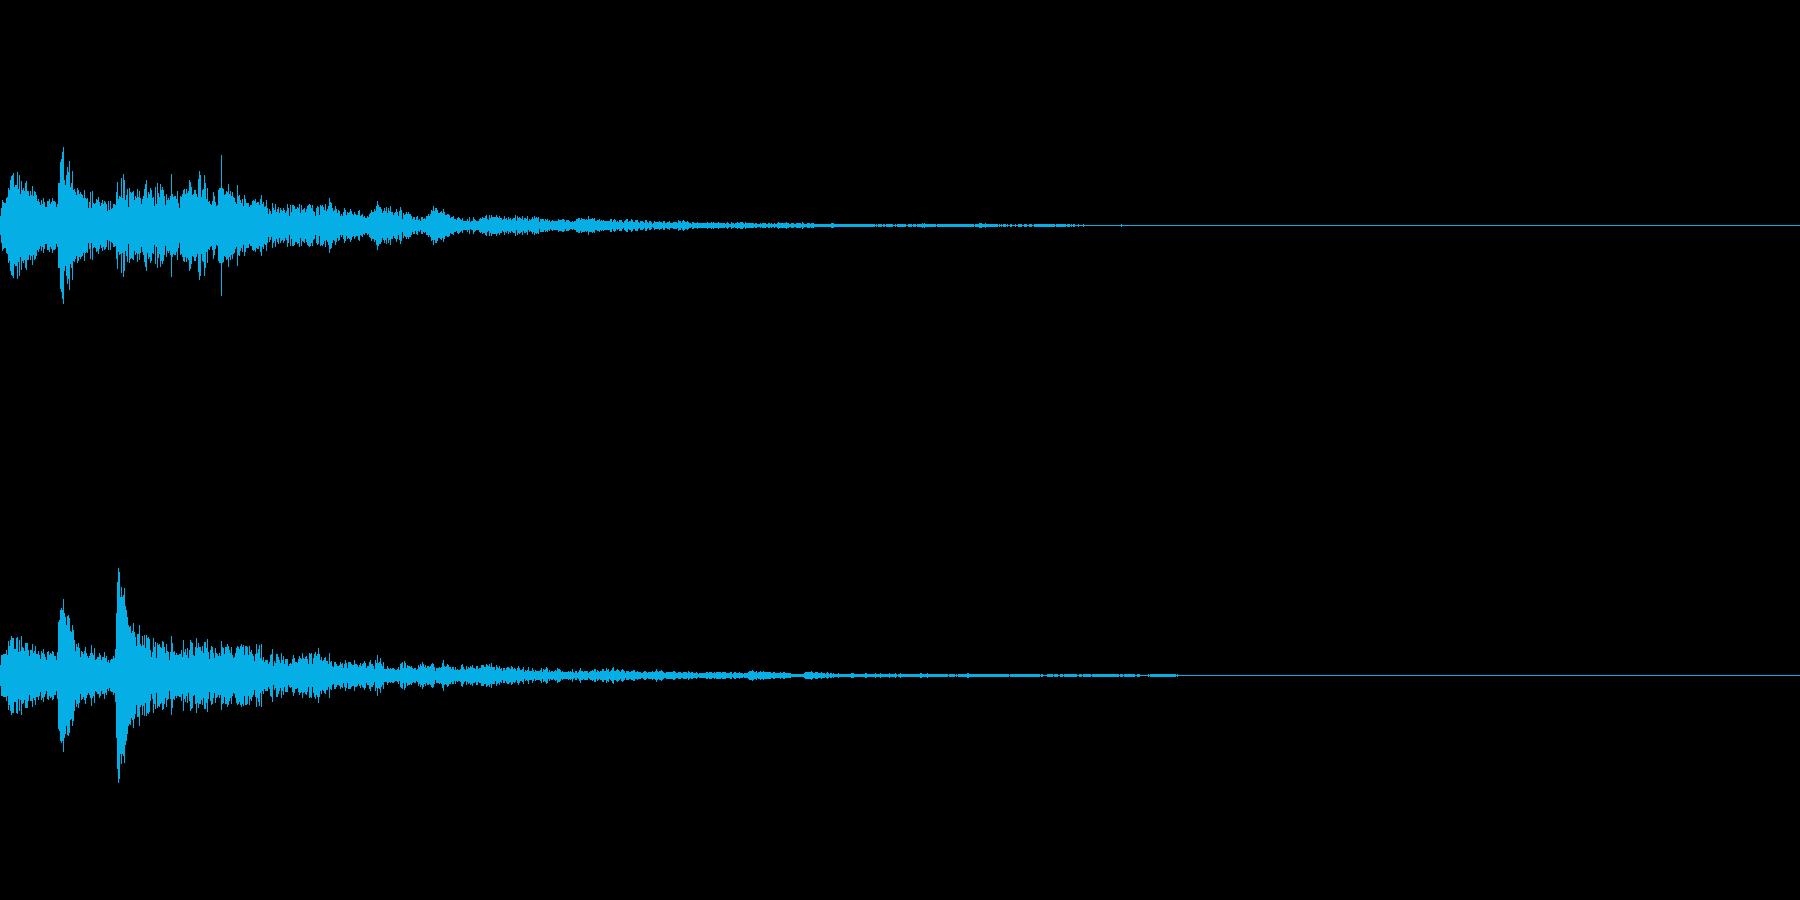 ぽろん♪(連鎖07)の再生済みの波形